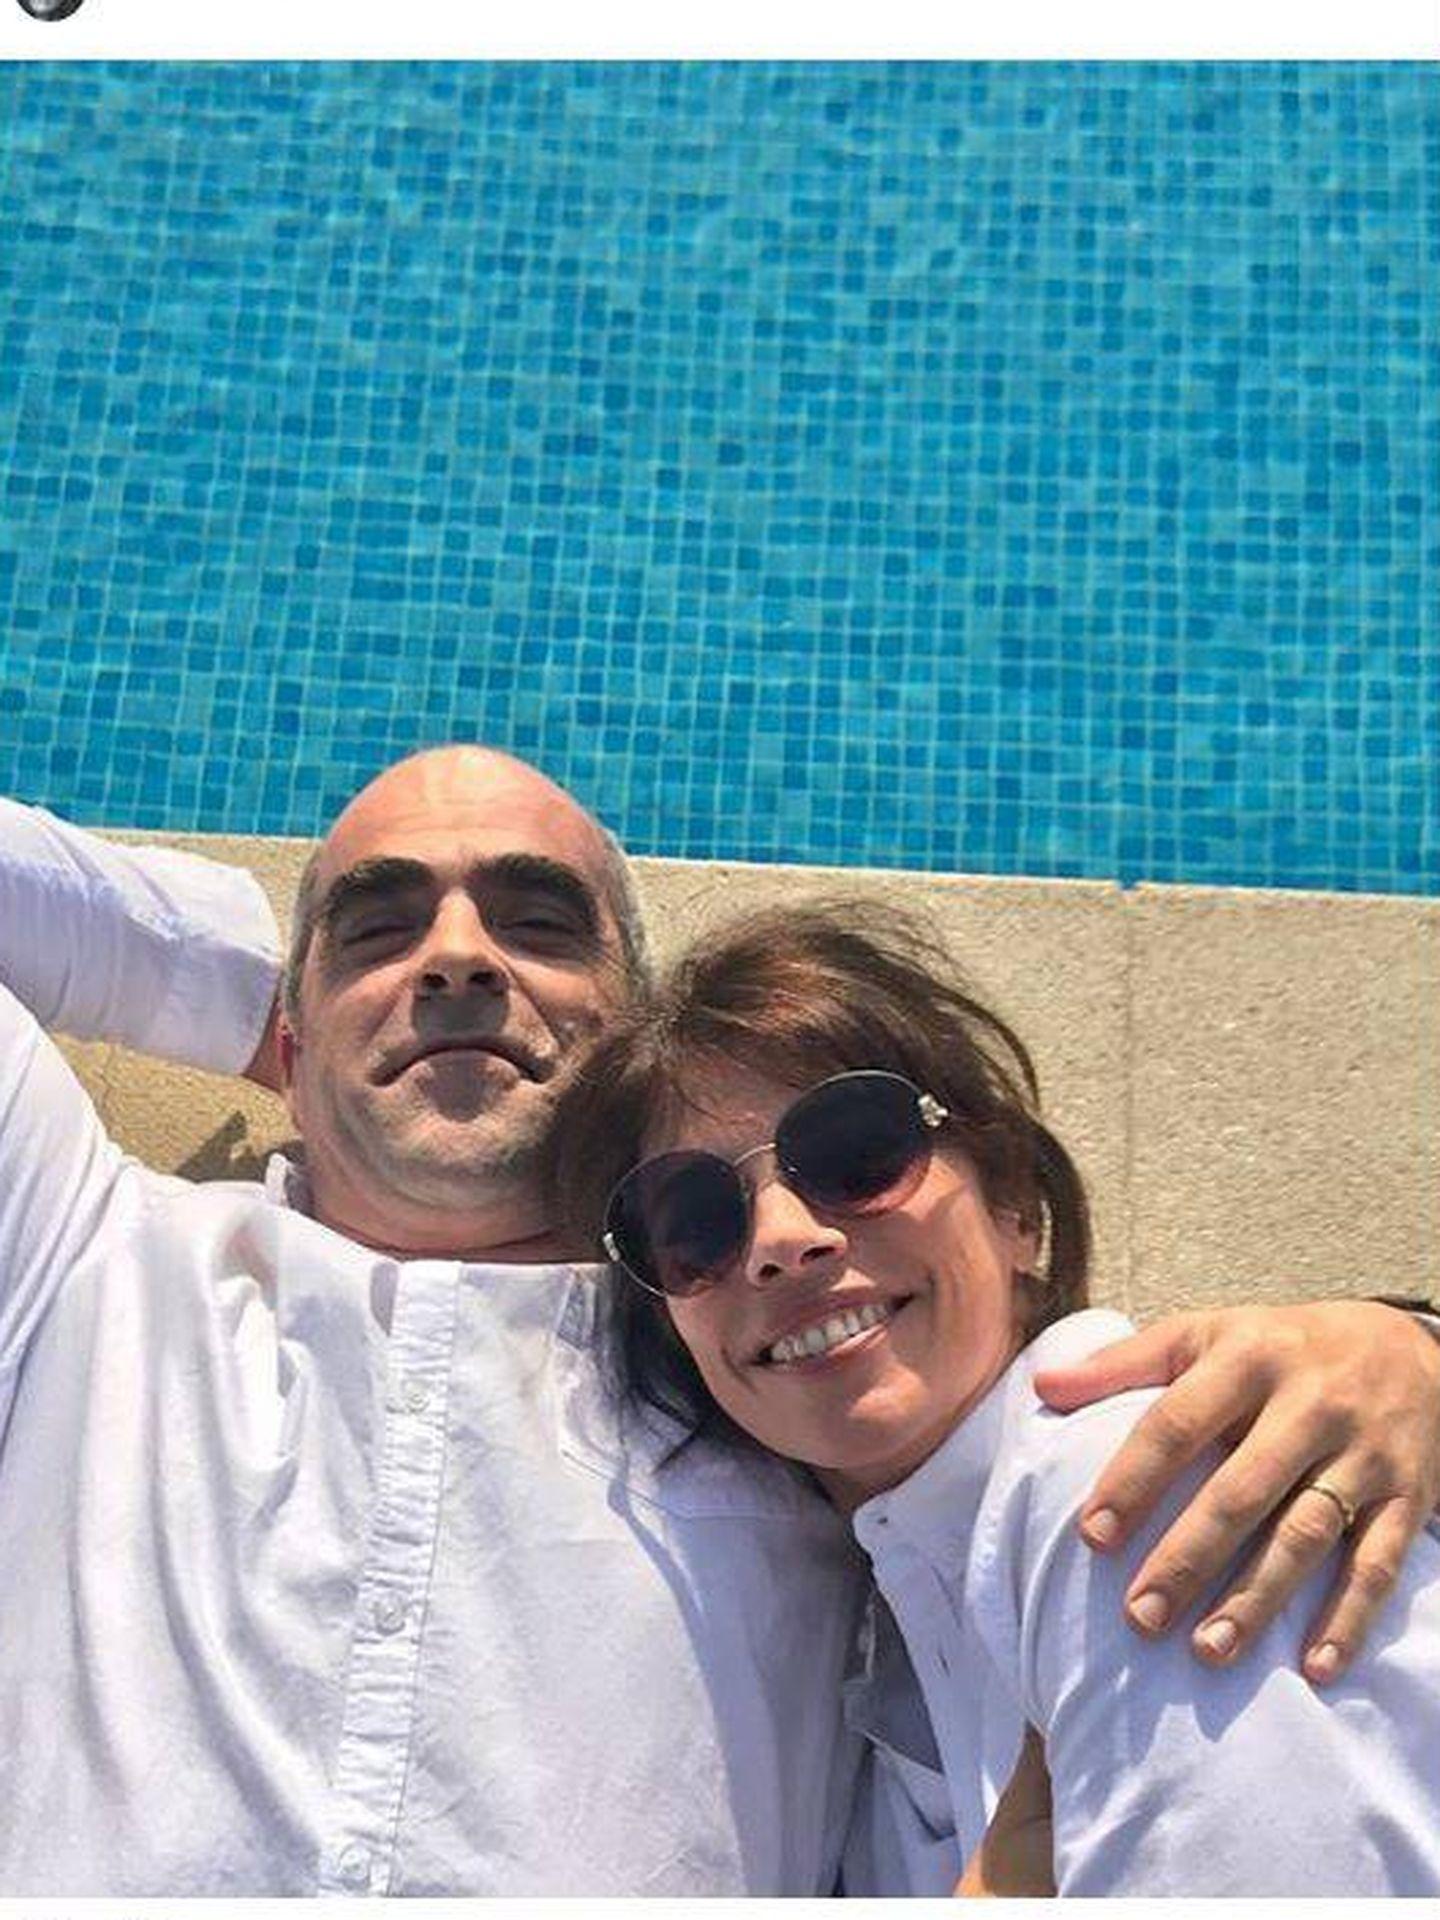 Luis y Maribel, junto a la piscina. (Instagram)